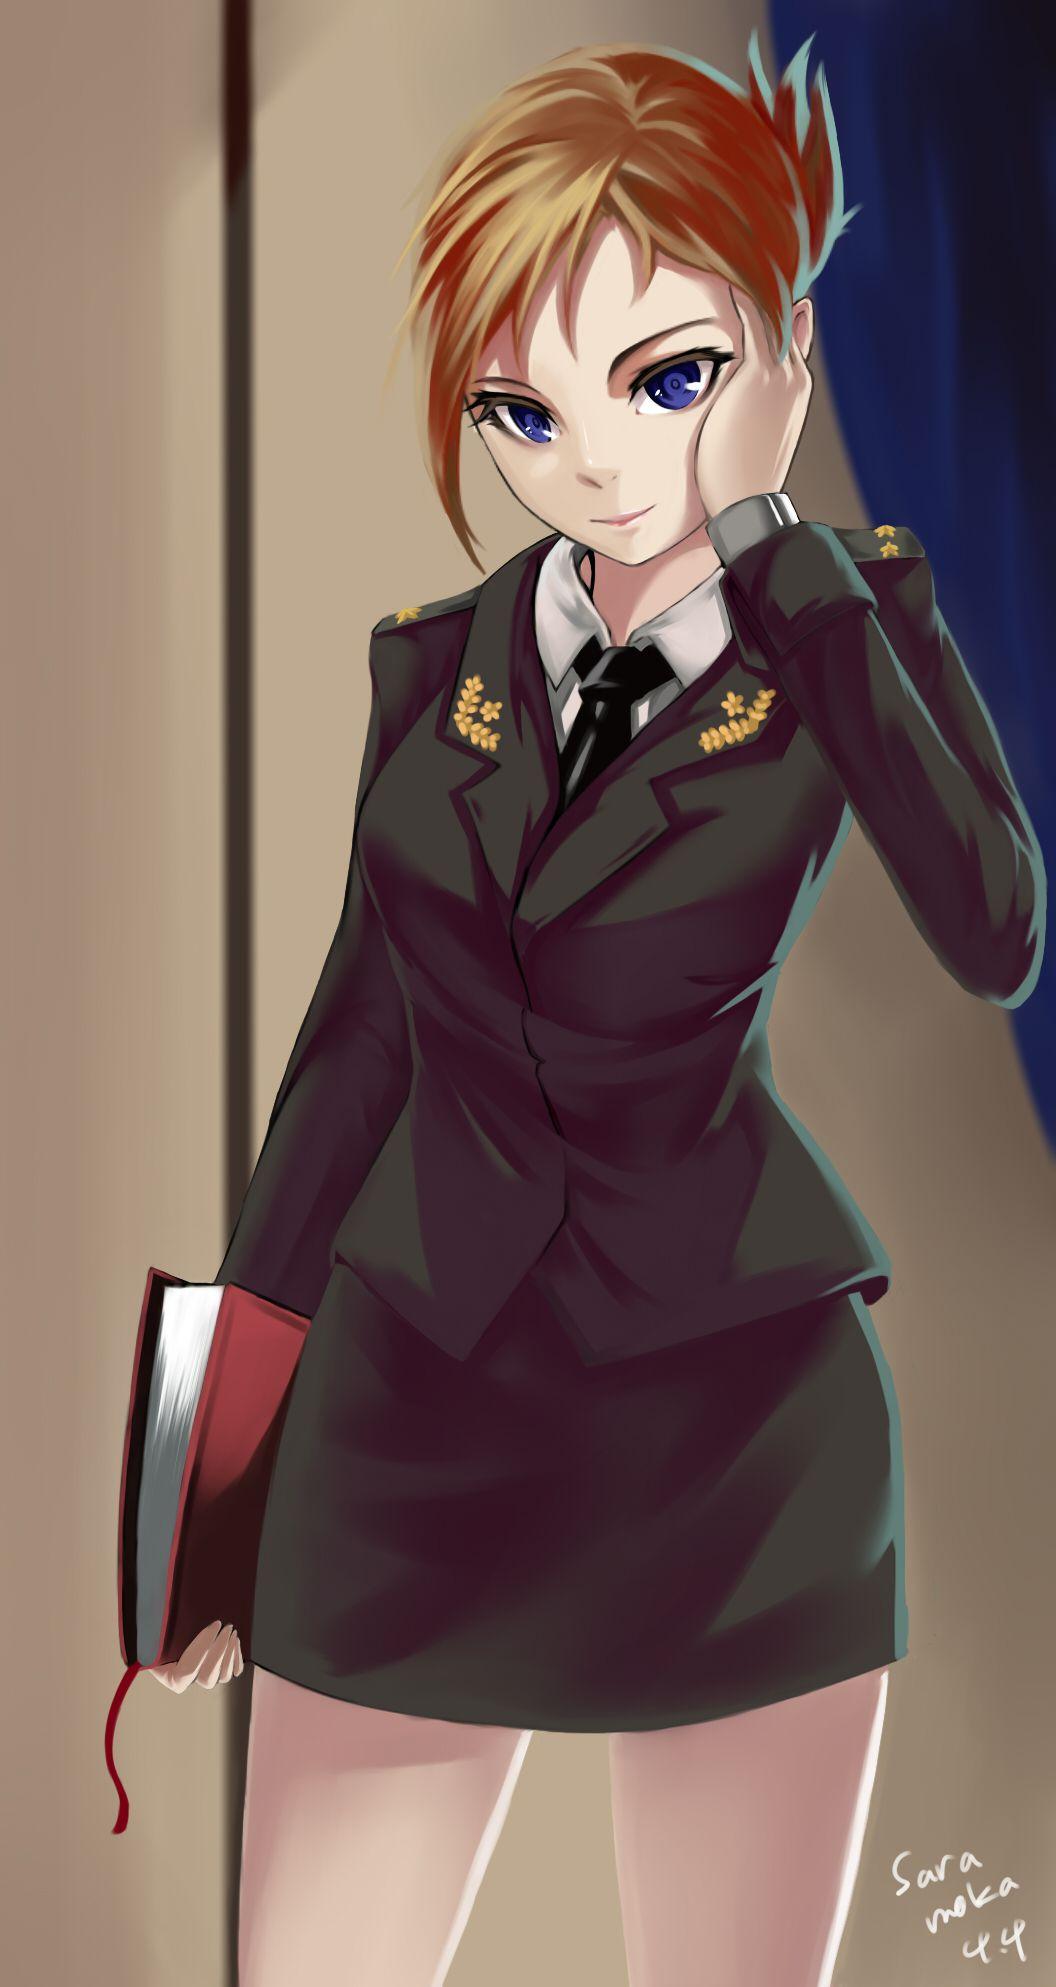 スカートスーツ 女一人 -コミック -アニメーション151